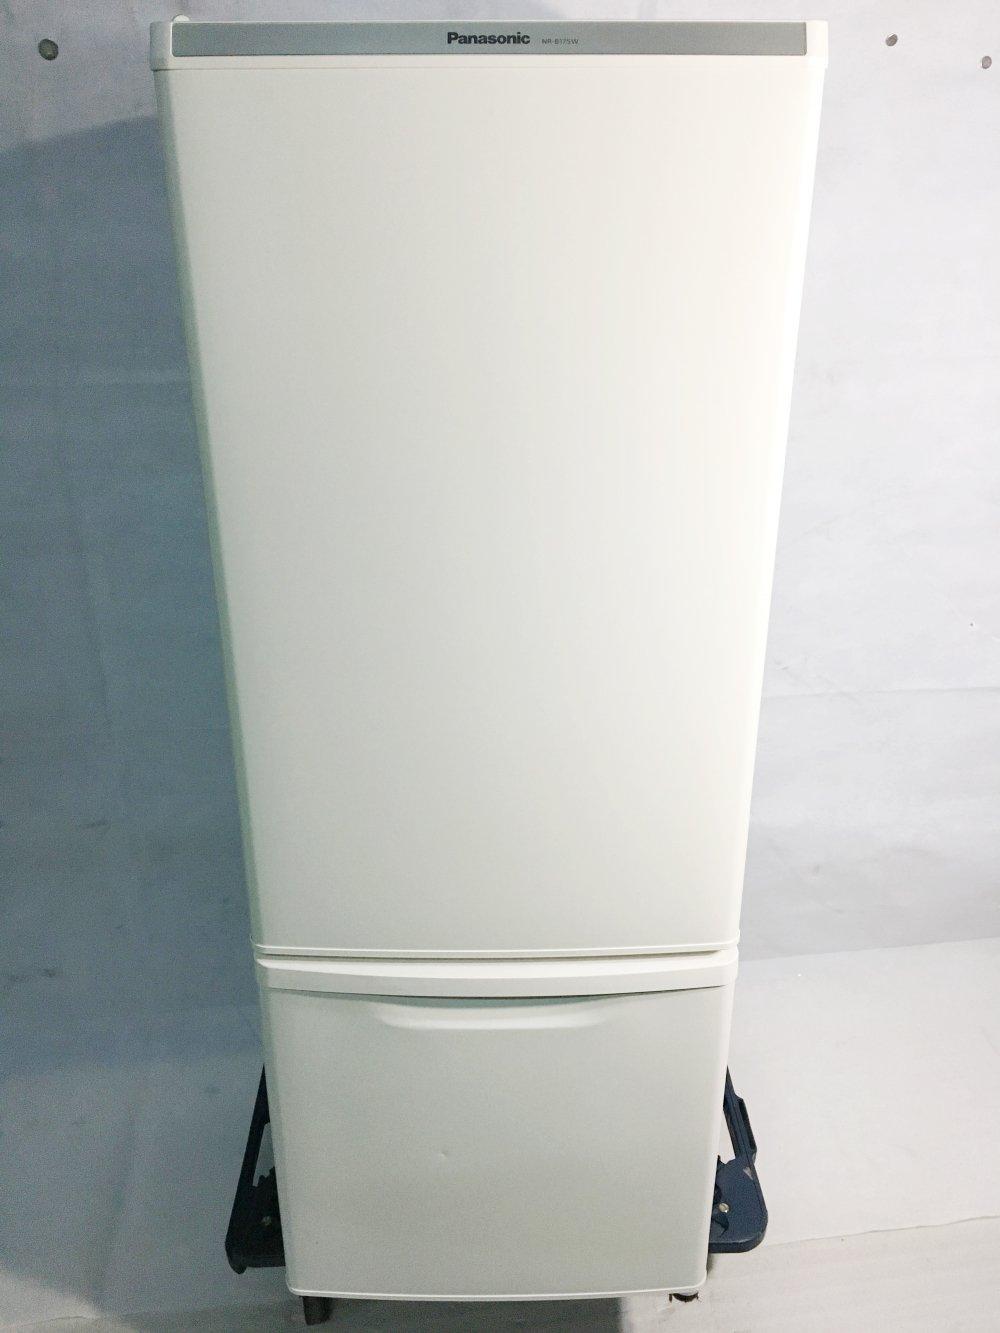 安いそれに目立つ パナソニック 2ドア冷蔵庫(168L) B00A2MGQO0 NR-B175W-W パナソニック ホワイト ホワイト B00A2MGQO0, aigrip:9348400b --- diesel-motor.pl